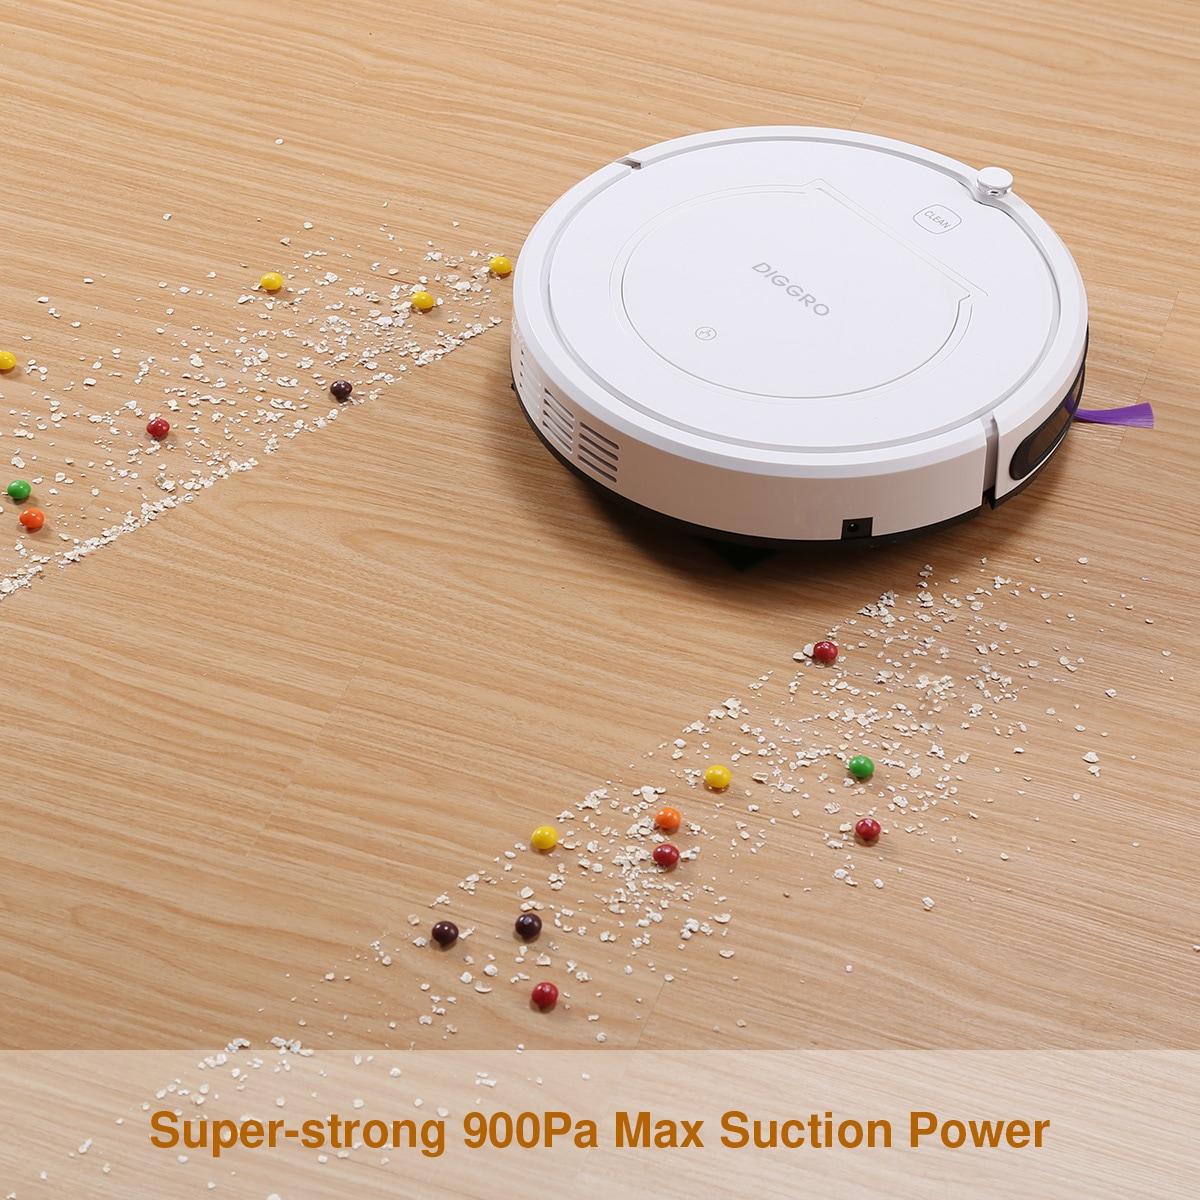 Diggro kk320 intelligens tisztító porszívótisztító gép 4 tisztítási mód - Fehér EU